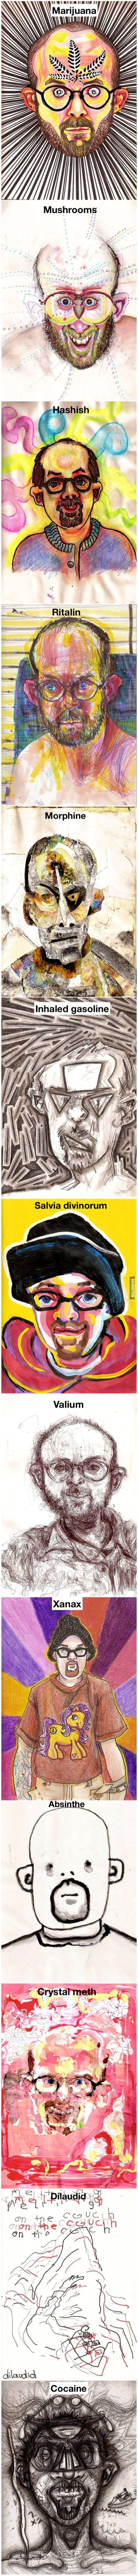 Rysował siebie po zażyciu różnych środków kolorujących świat